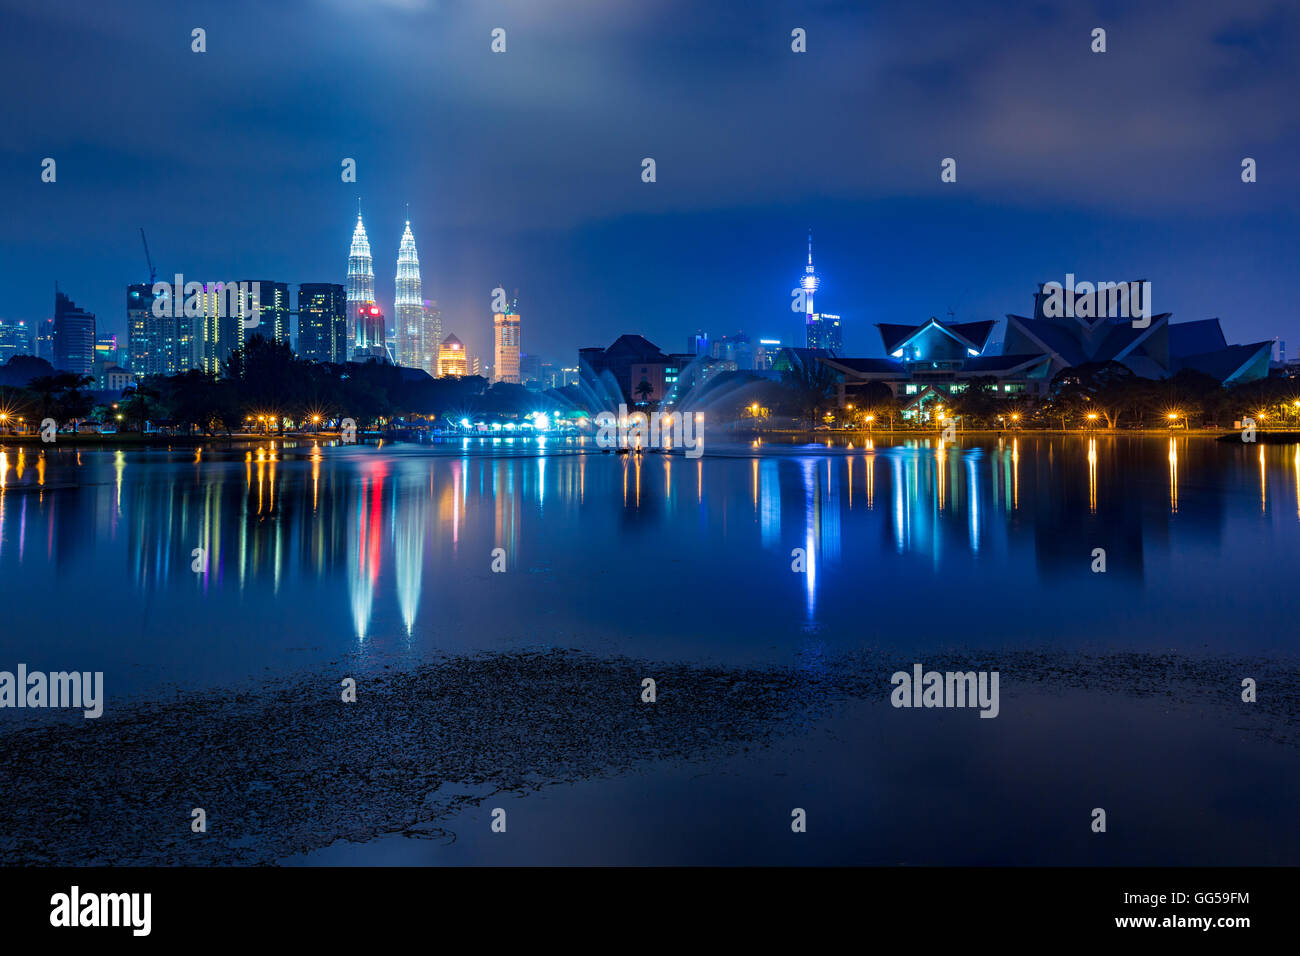 Horizonte de Kuala Lumpur por la noche, visto desde los lagos Titiwangsa, Kuala Lumpur, Malasia Imagen De Stock